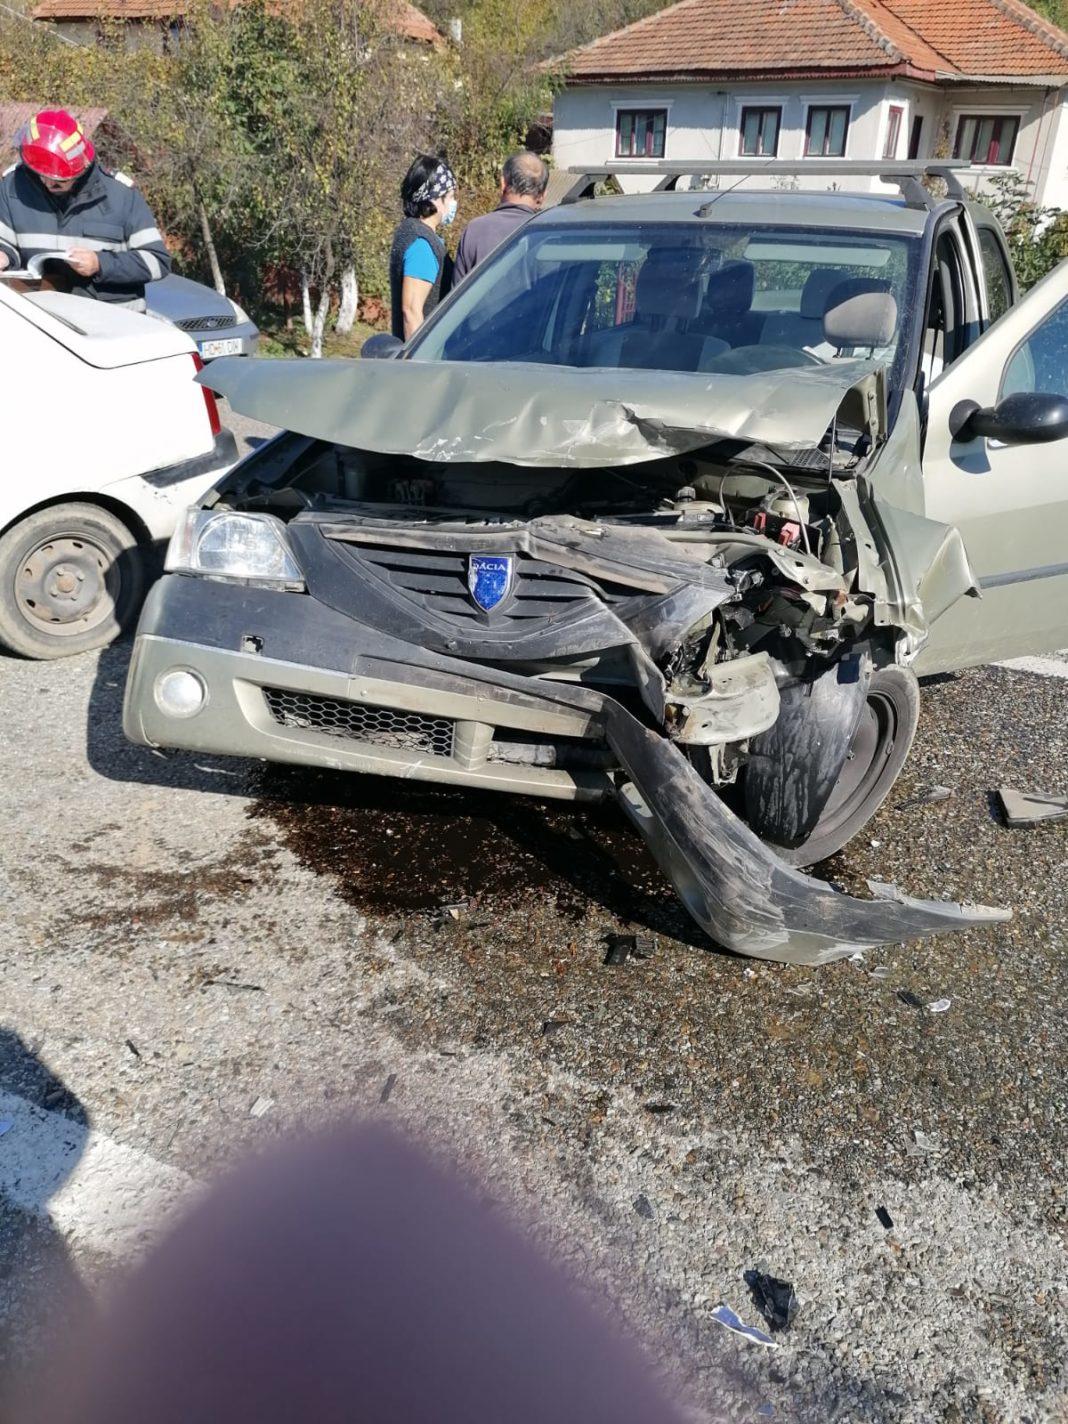 Două persoane au fost rănite joi după-amiază în urma unui accident rutier produs la Motru